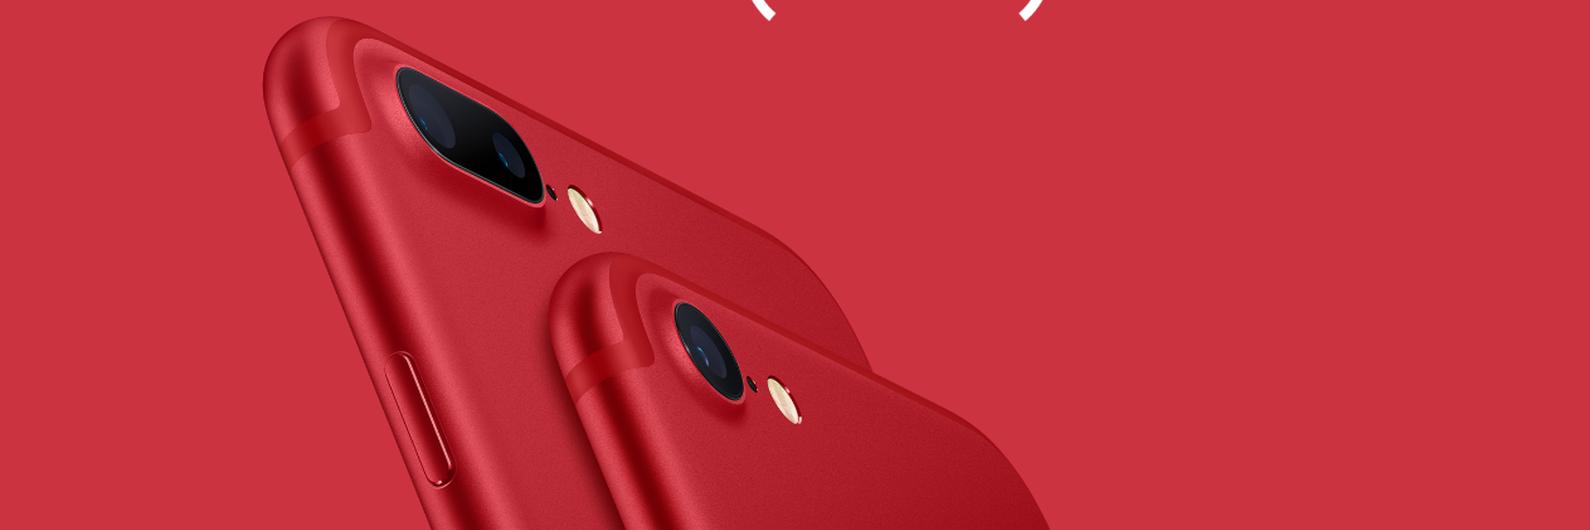 Oficial: Apple lança novo iPhone 7 vermelho